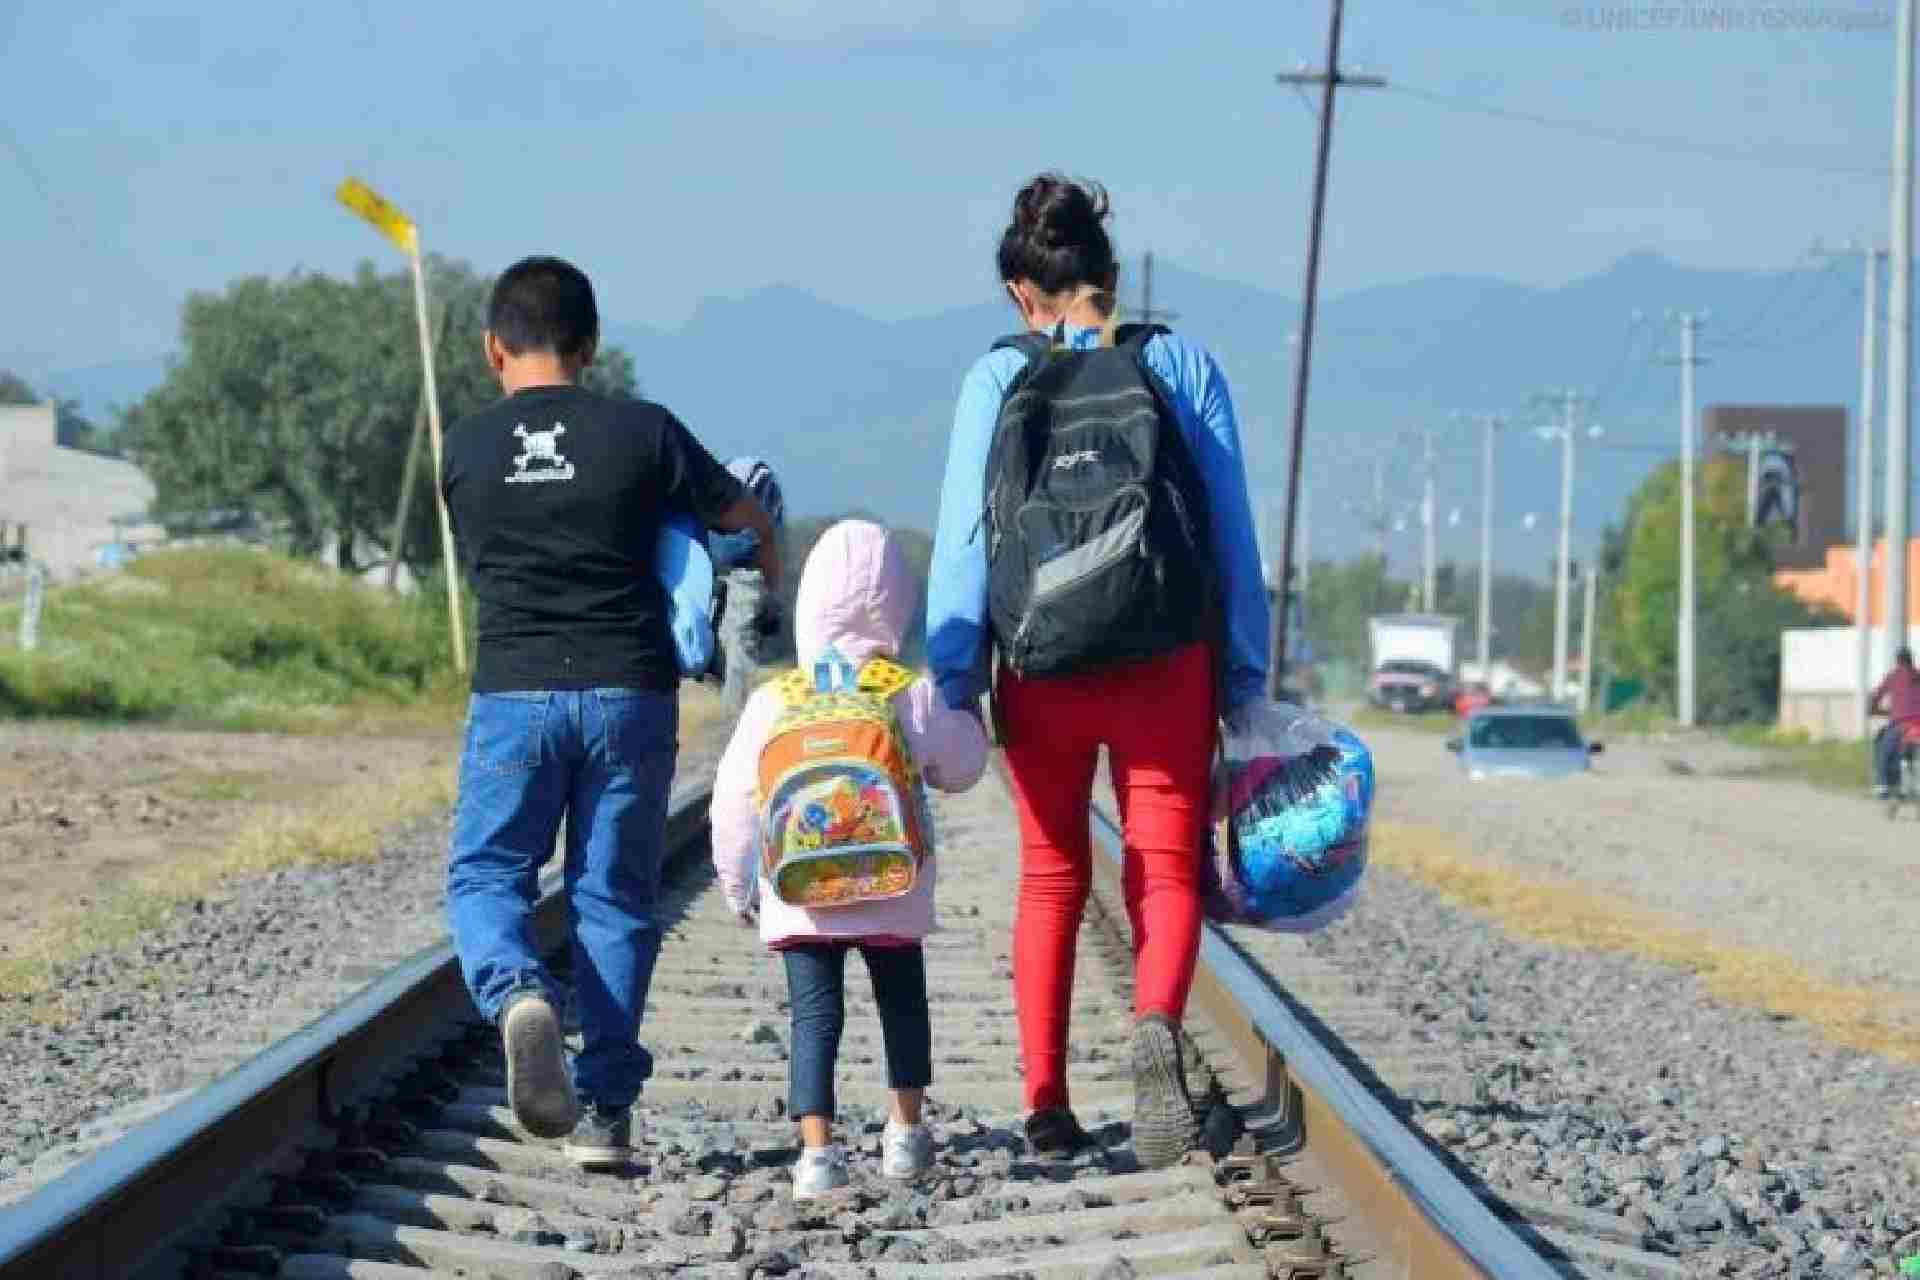 migrantes-niñas-niños-adolescentes-La Sagrada Familia-Apizaco-Albergue